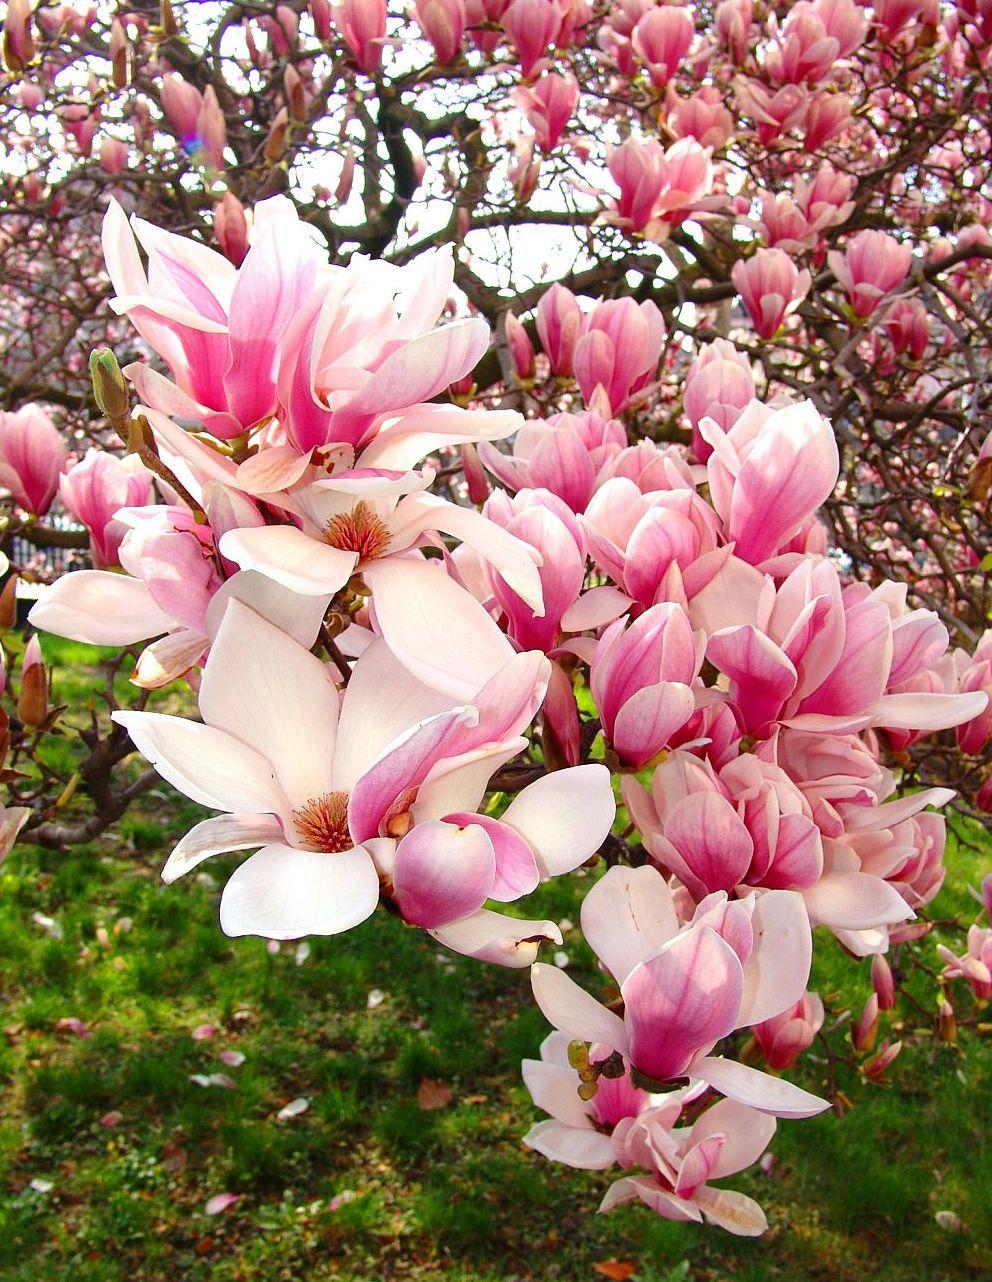 adelaparvu.com despre Magnolia, text Carli Marian (1)a